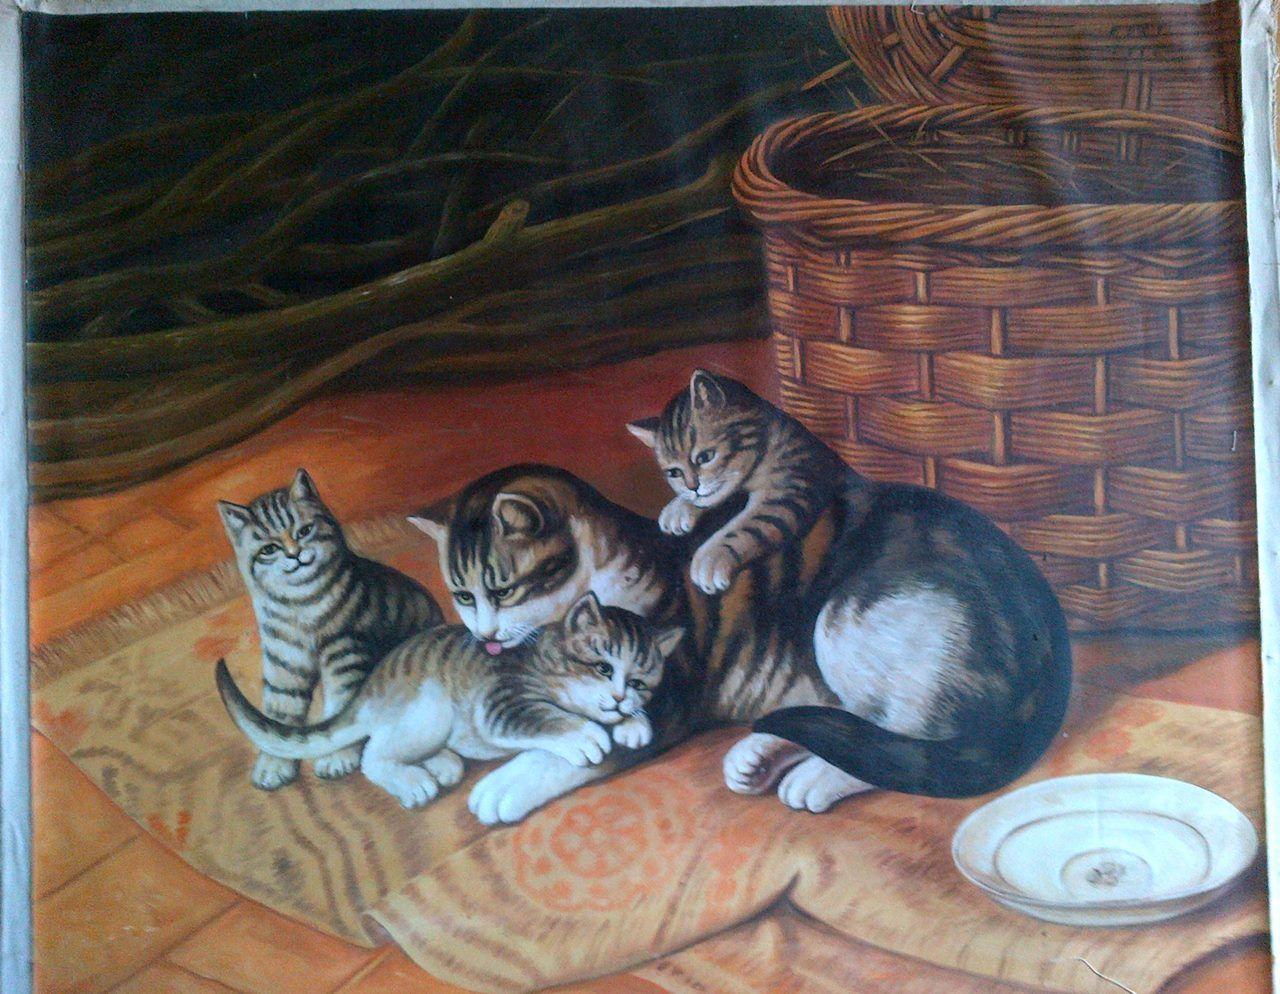 Gambar Kucing Persia Http Wwwdagelanmemecom Gambar Kucing